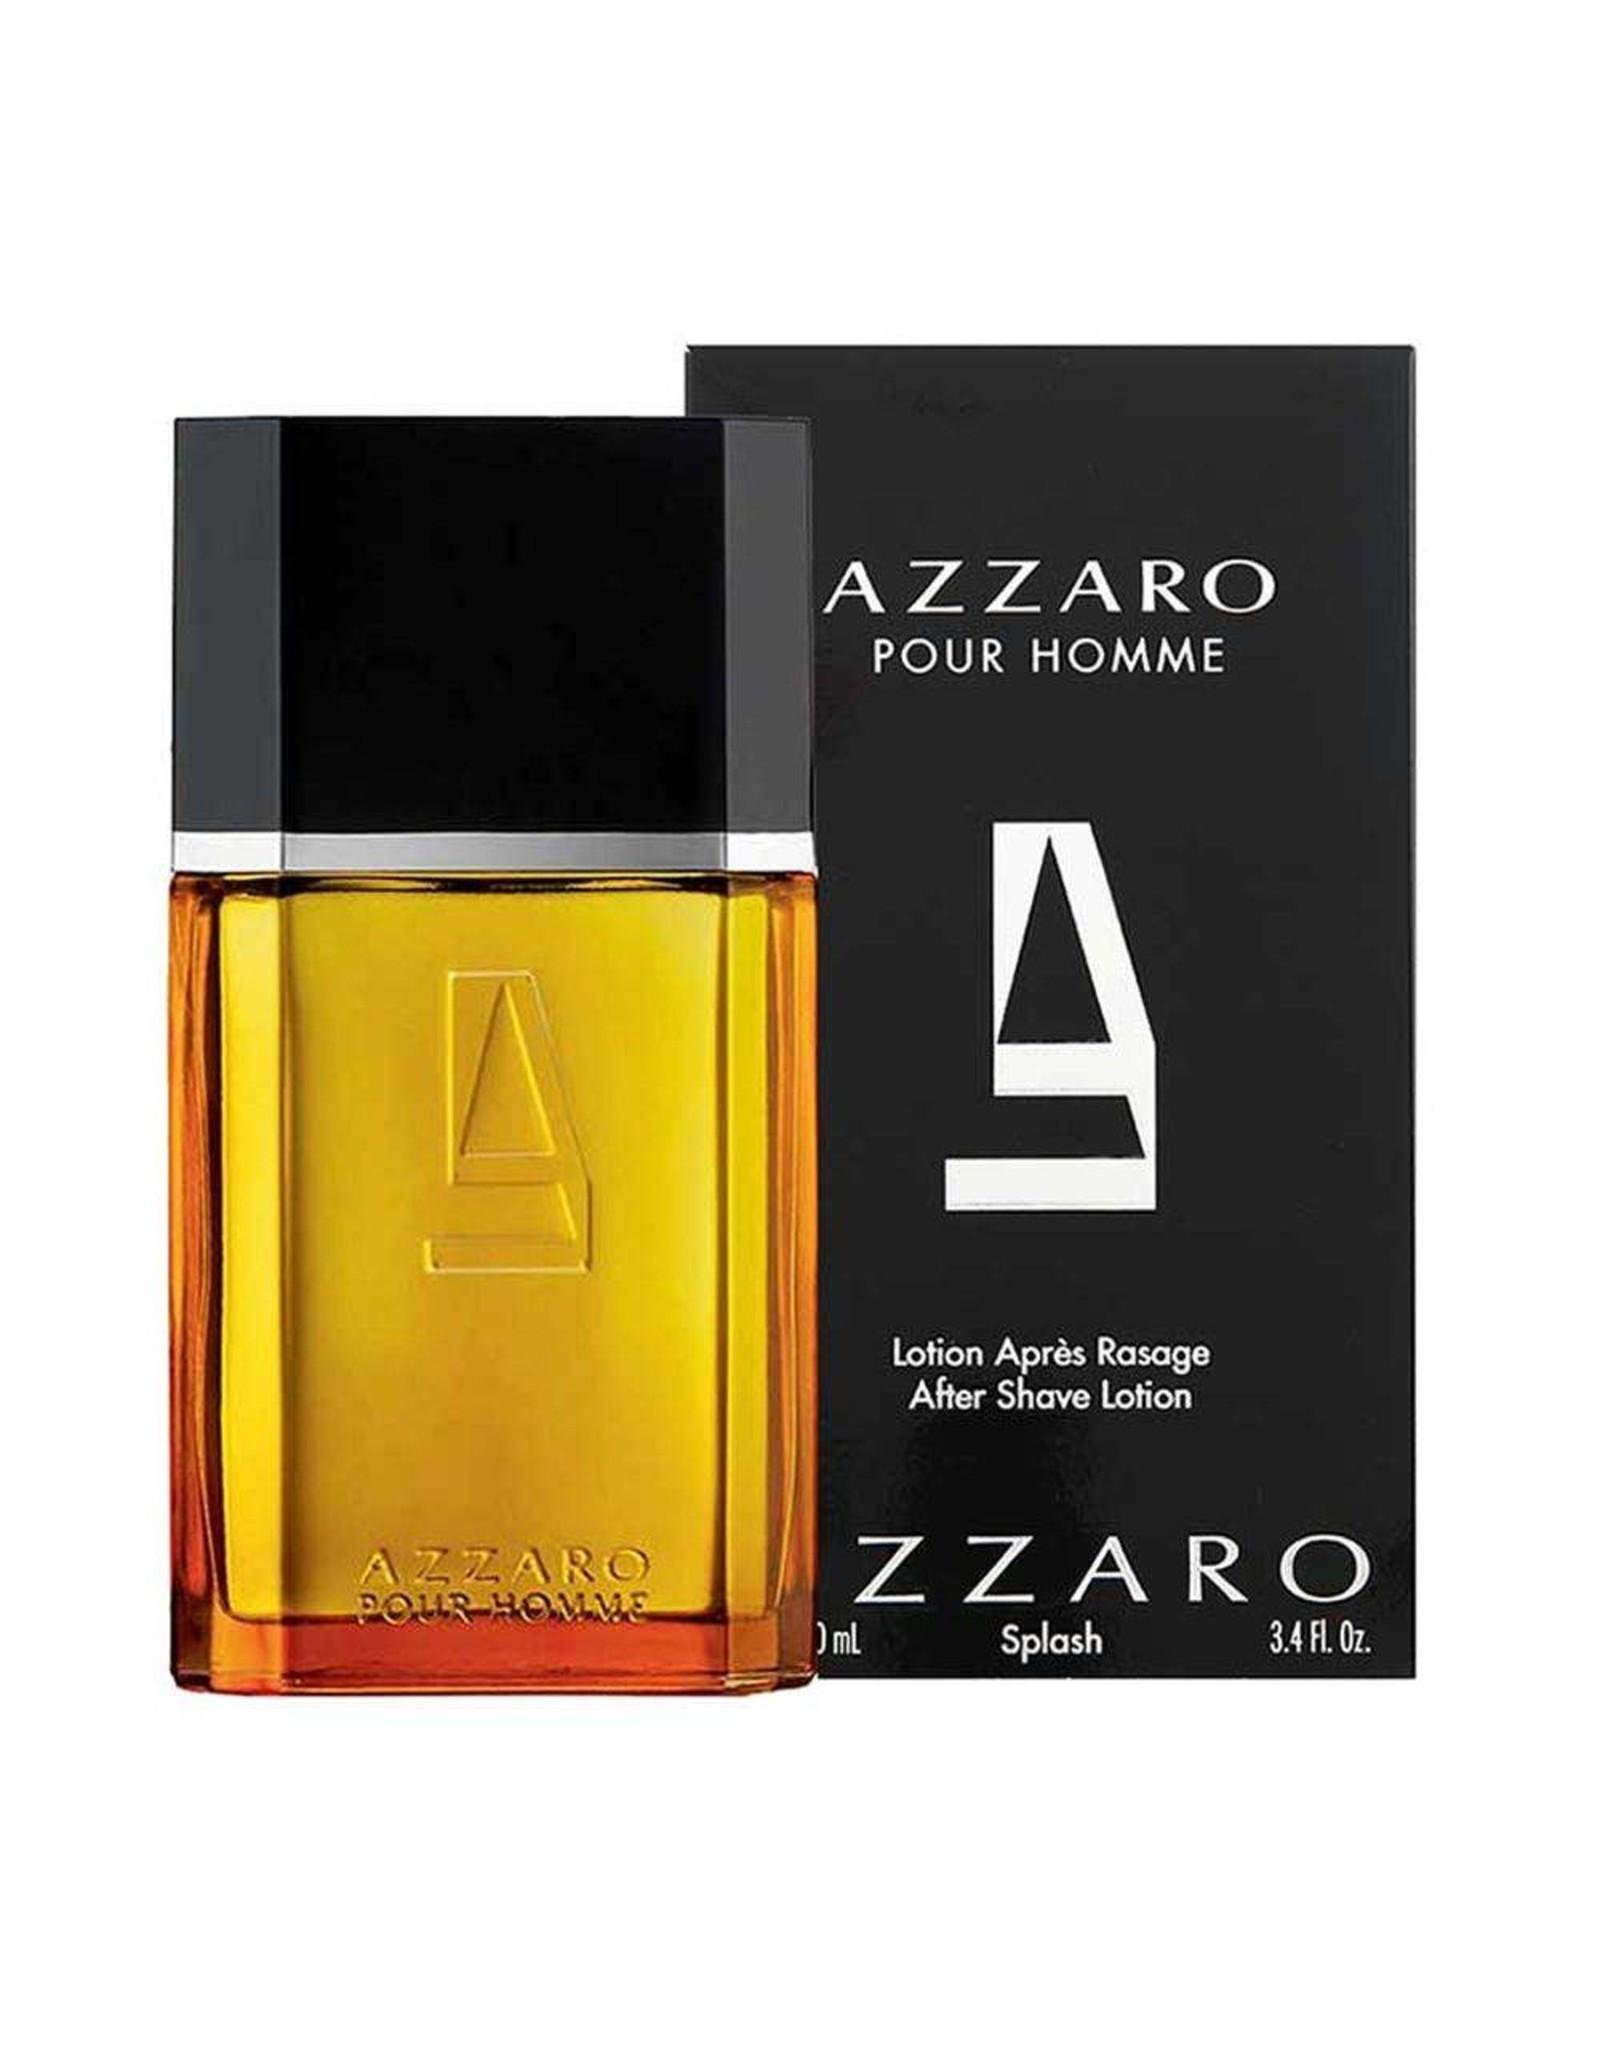 AZZARO AZZARO POUR HOMME (CLASSIC)